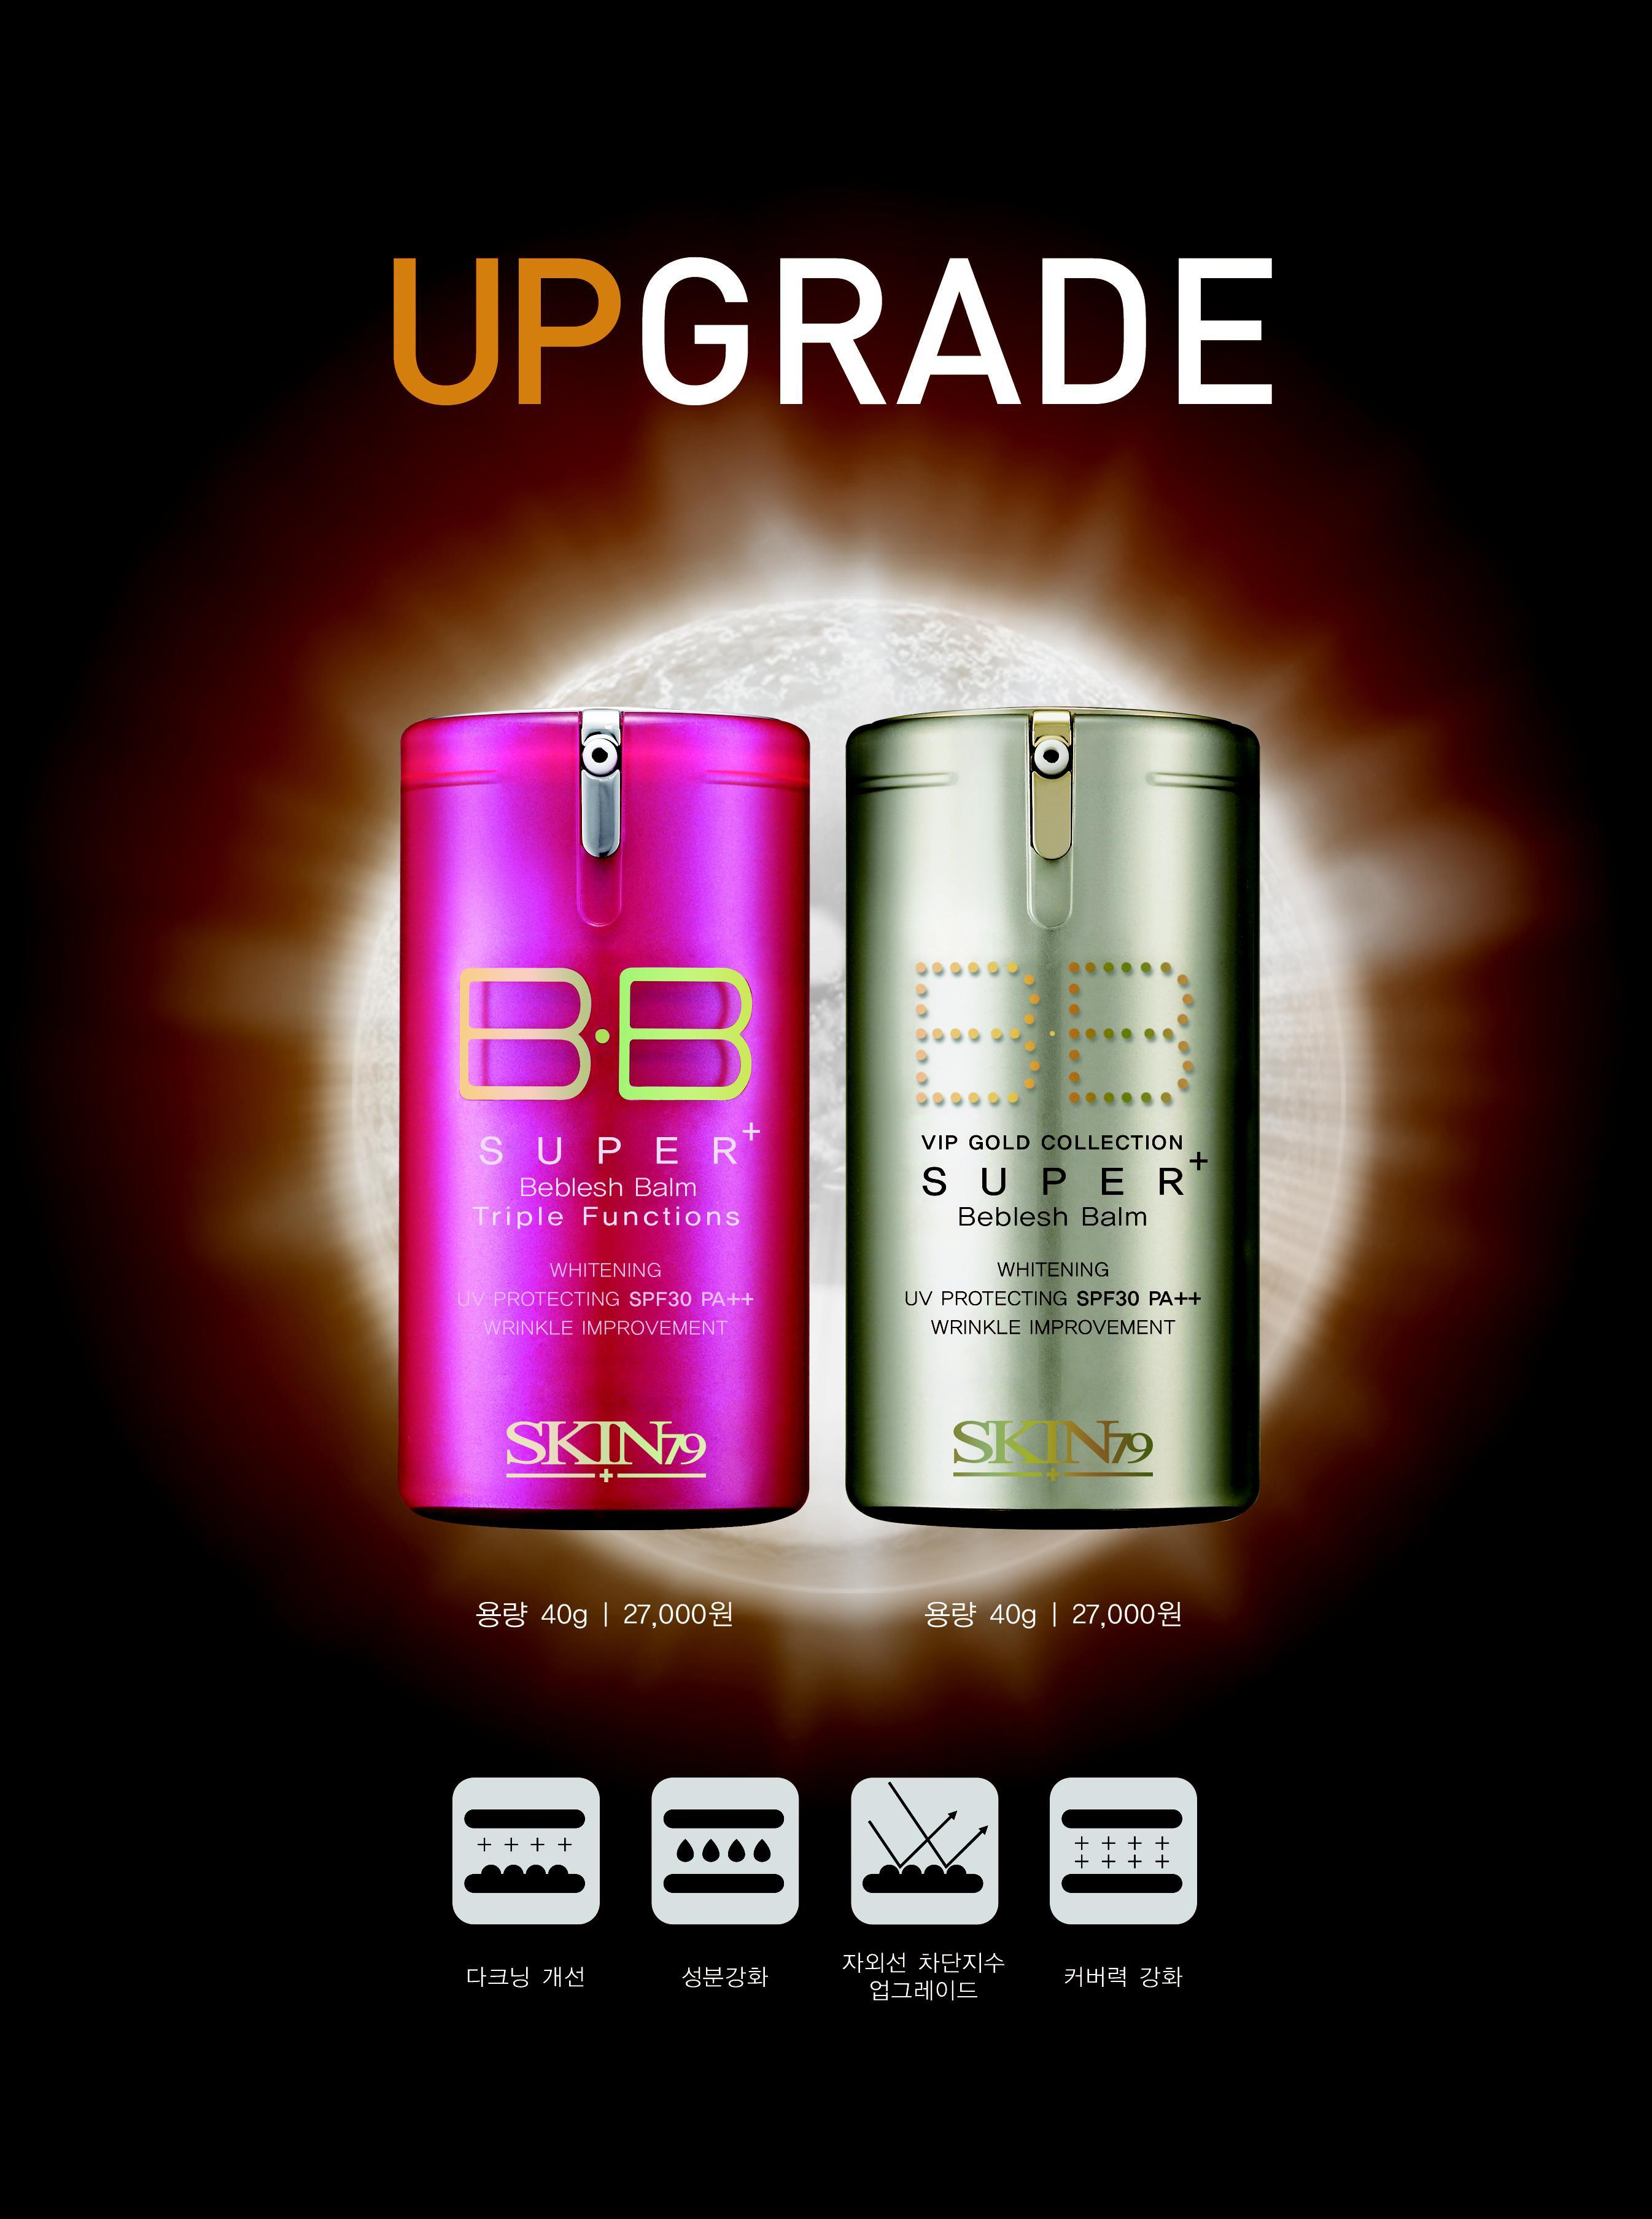 ВВ крем SKIN79 Hot Pink Beblesh Balm Triple Functions в новом дизайне